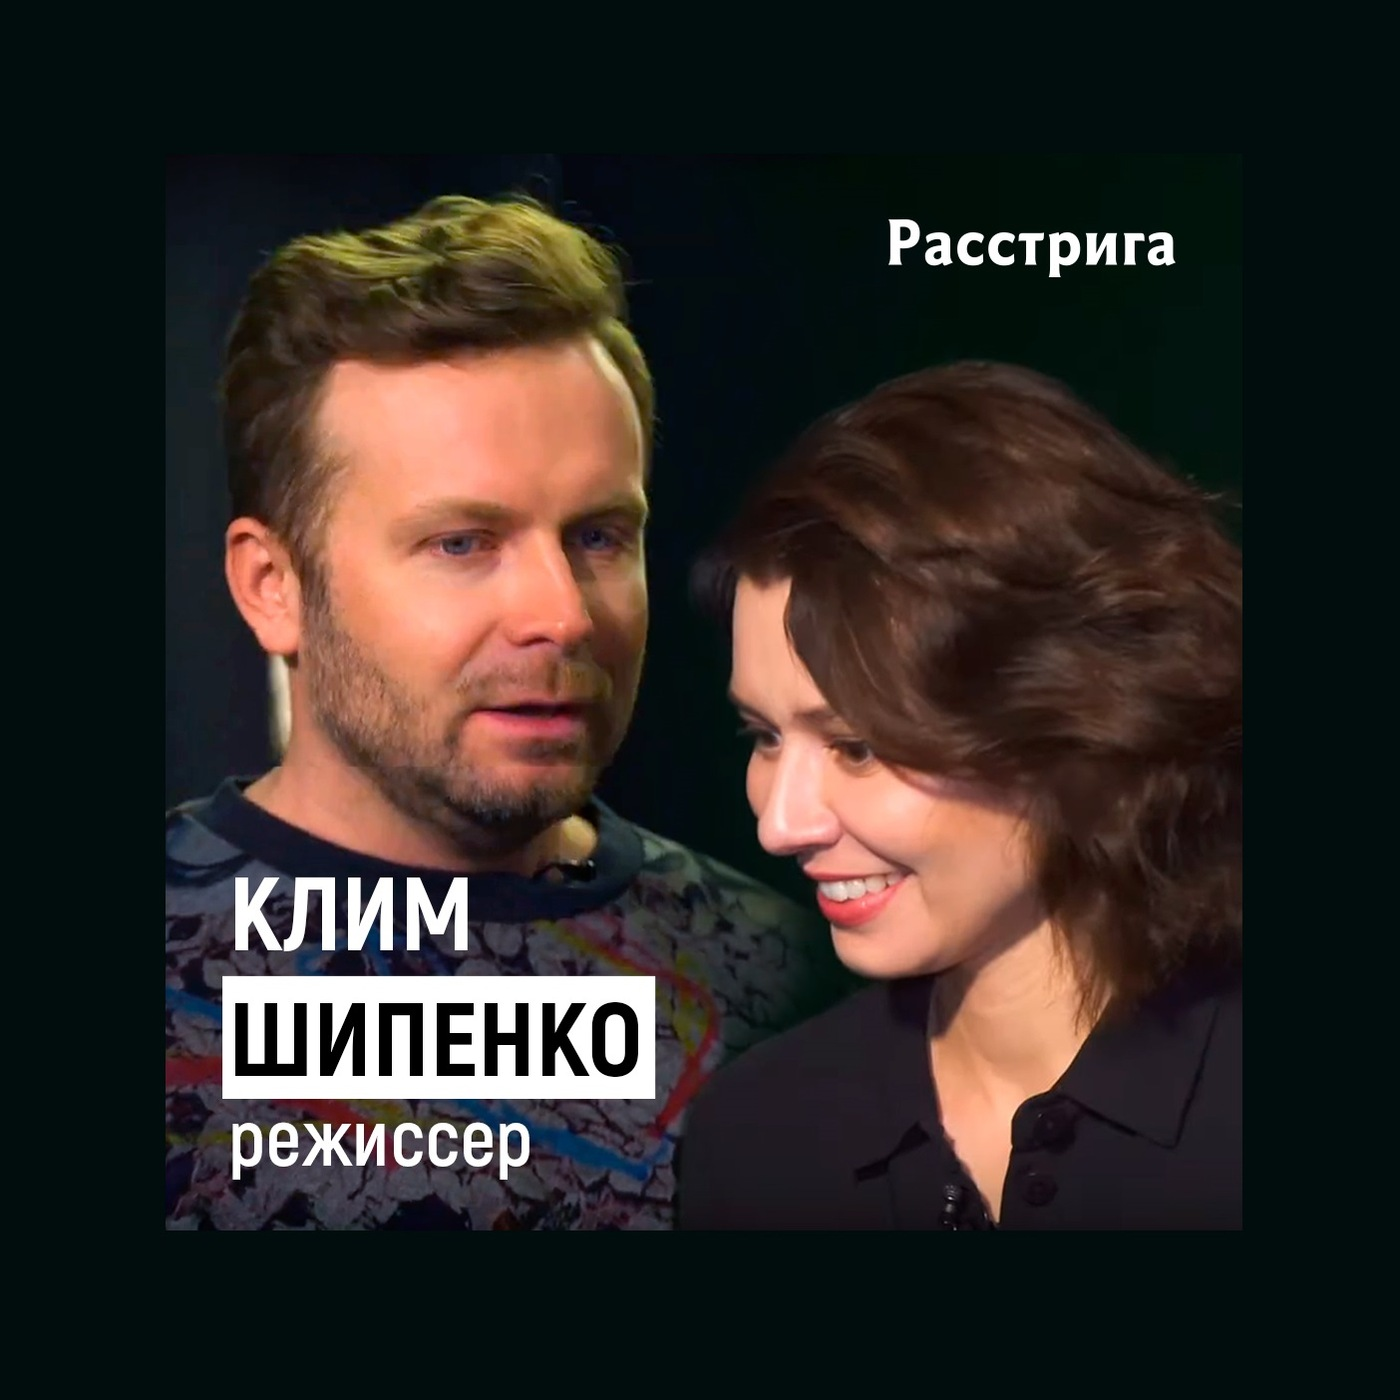 4. Интервью. Режиссер Клим Шипенко